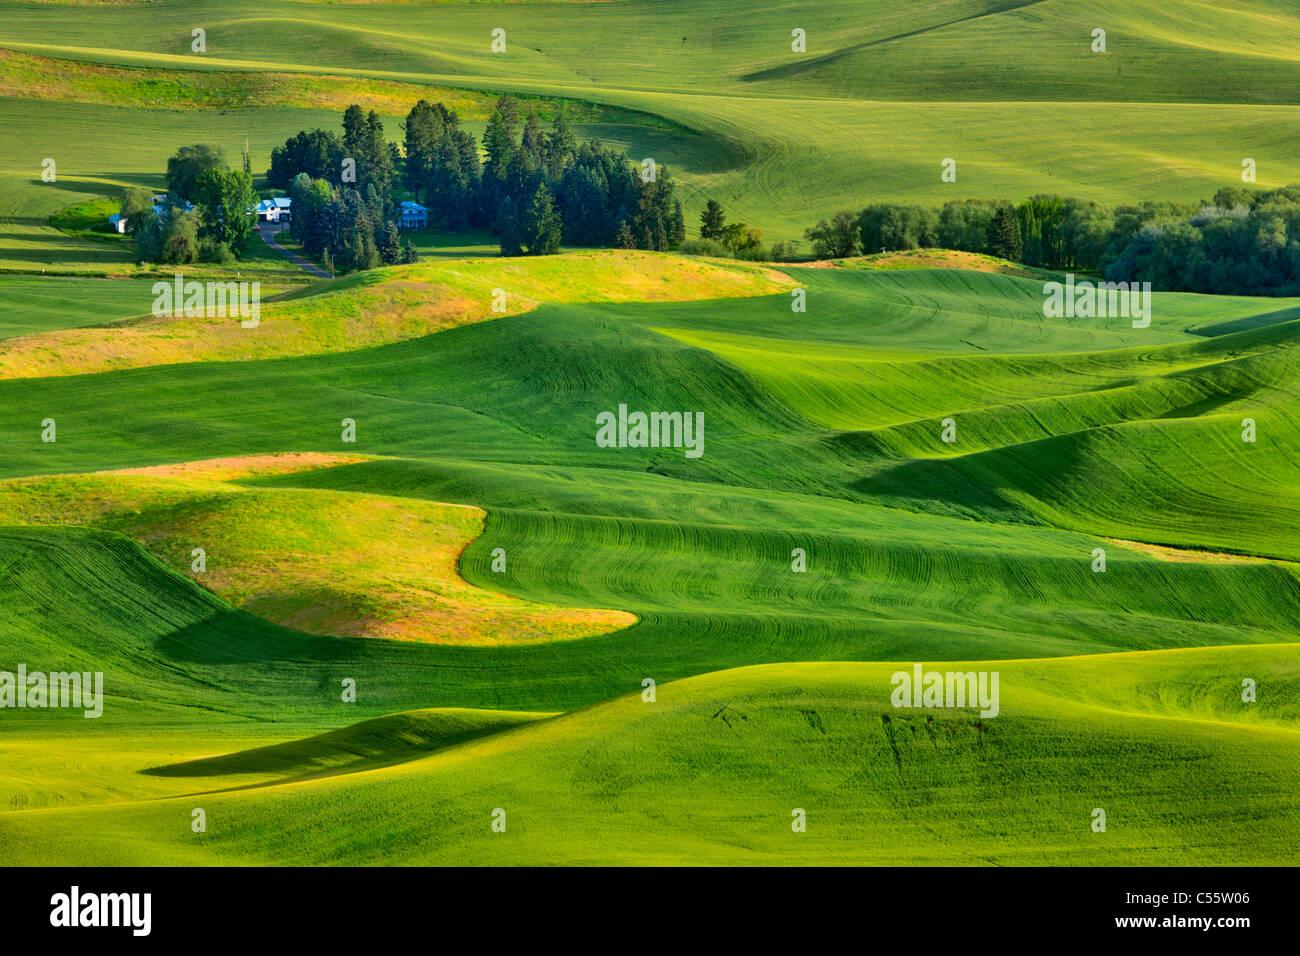 Un alto ángulo de visualización de campos verdes, Steptoe Butte, Palouse, Estado de Washington, EE.UU. Foto de stock